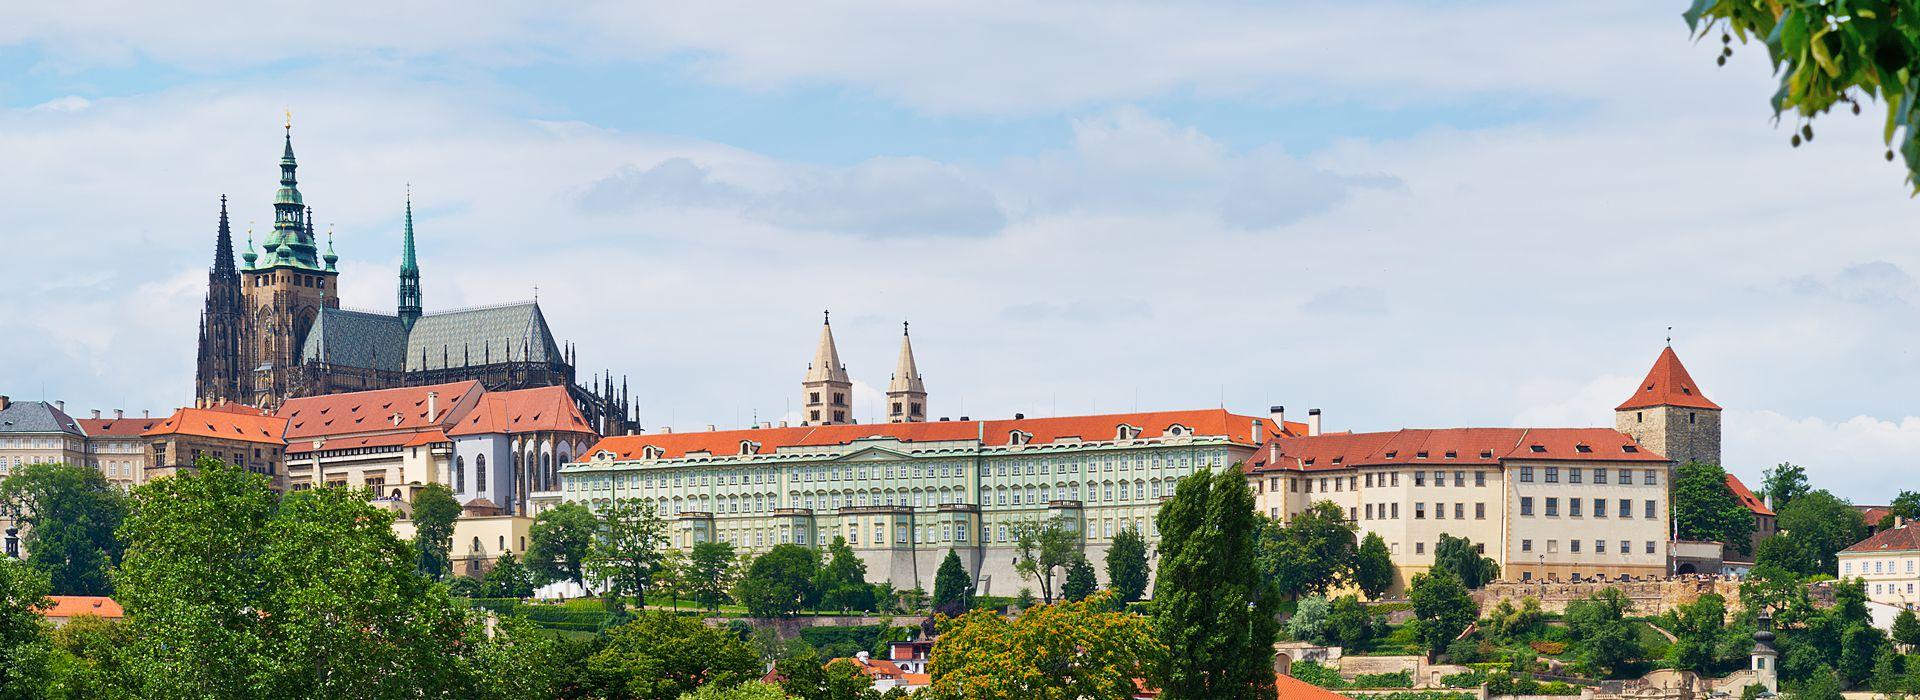 Отдых с детьми в Чехии: описание курортов, выбор места отдыха